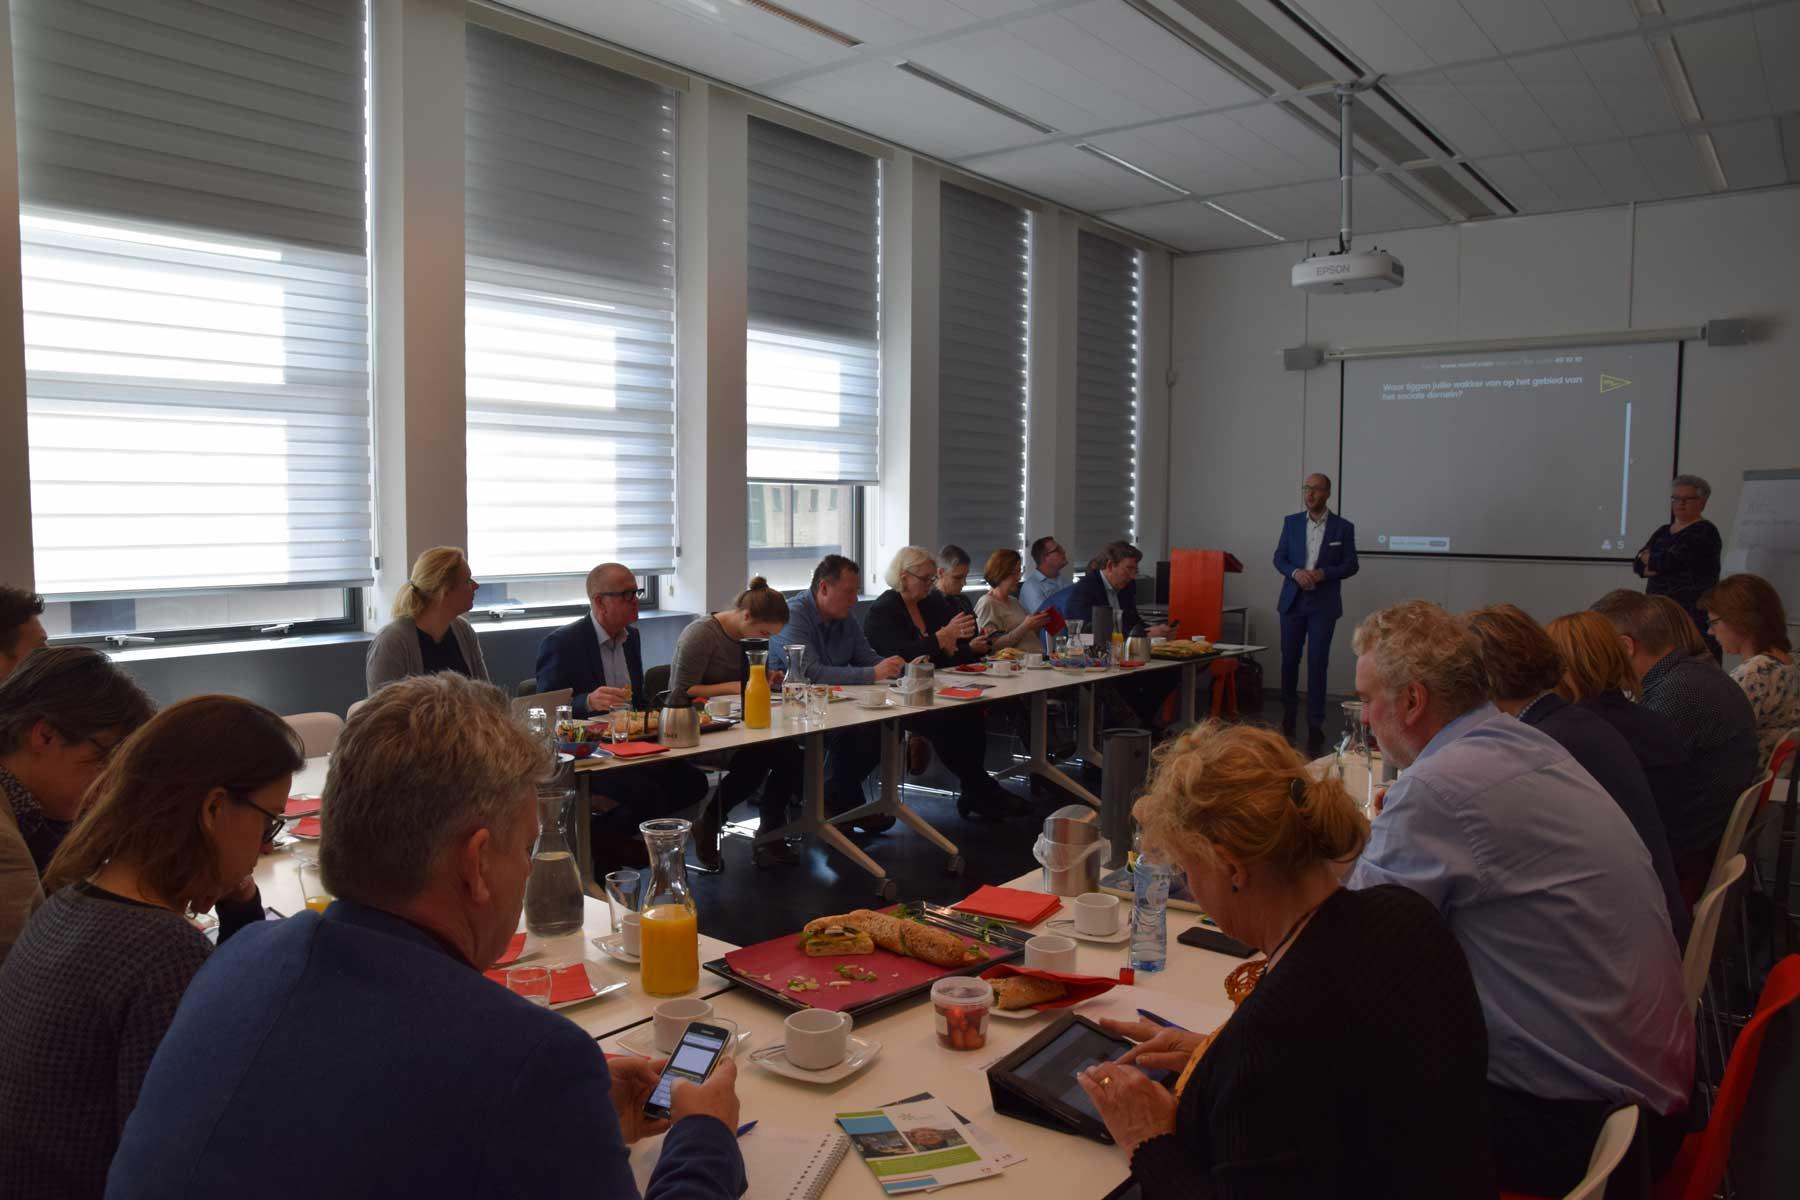 Bliqsem interactieve presentatie organiseren coöperatie Slimmer Leven 2020